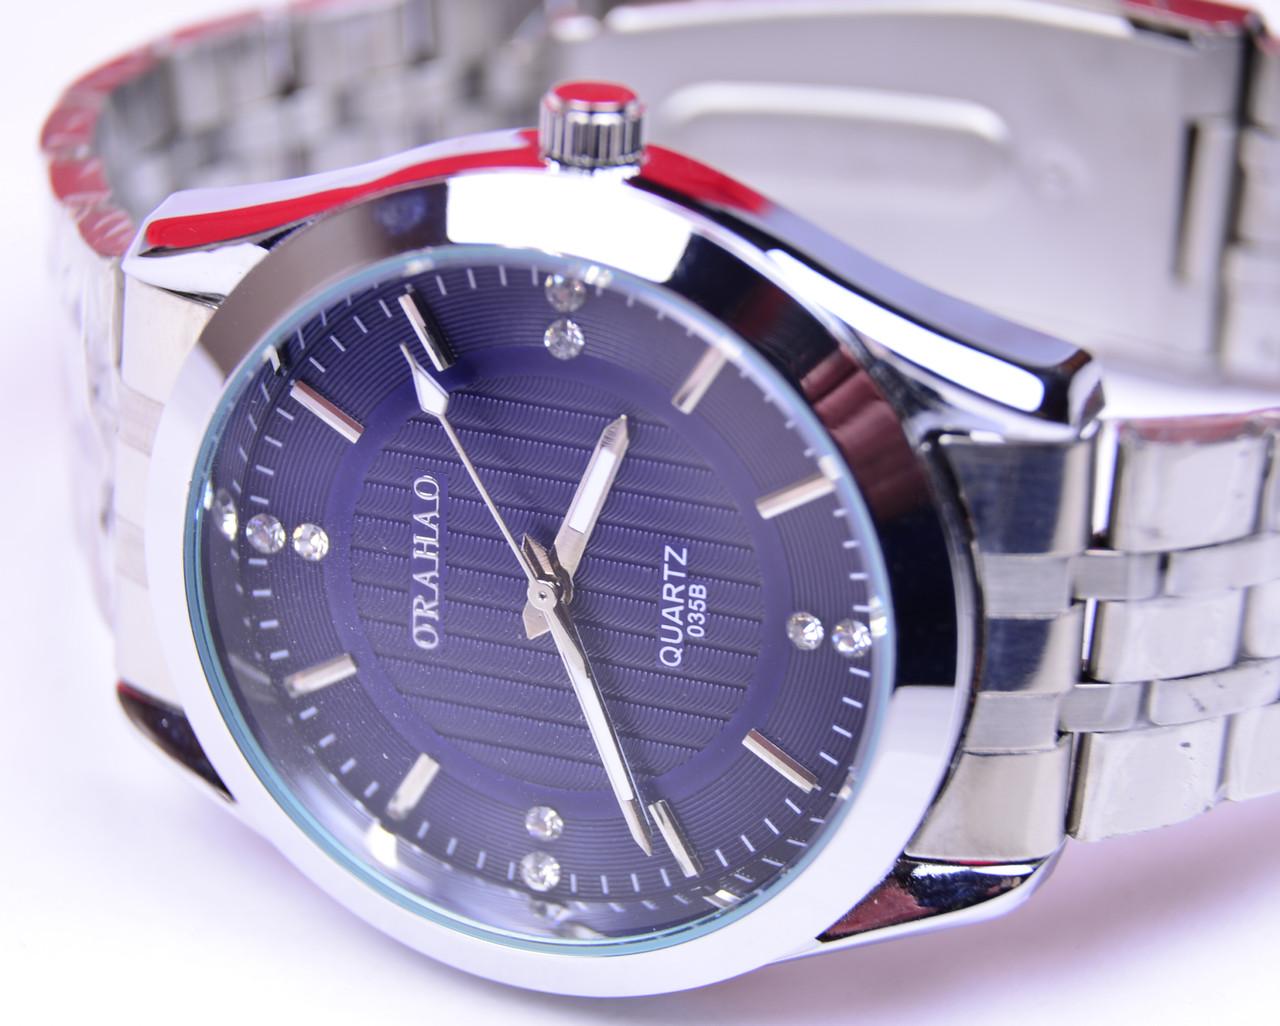 bb46fc10 Мужские наручные часы Orahao синий циферблат - интернет- магазин